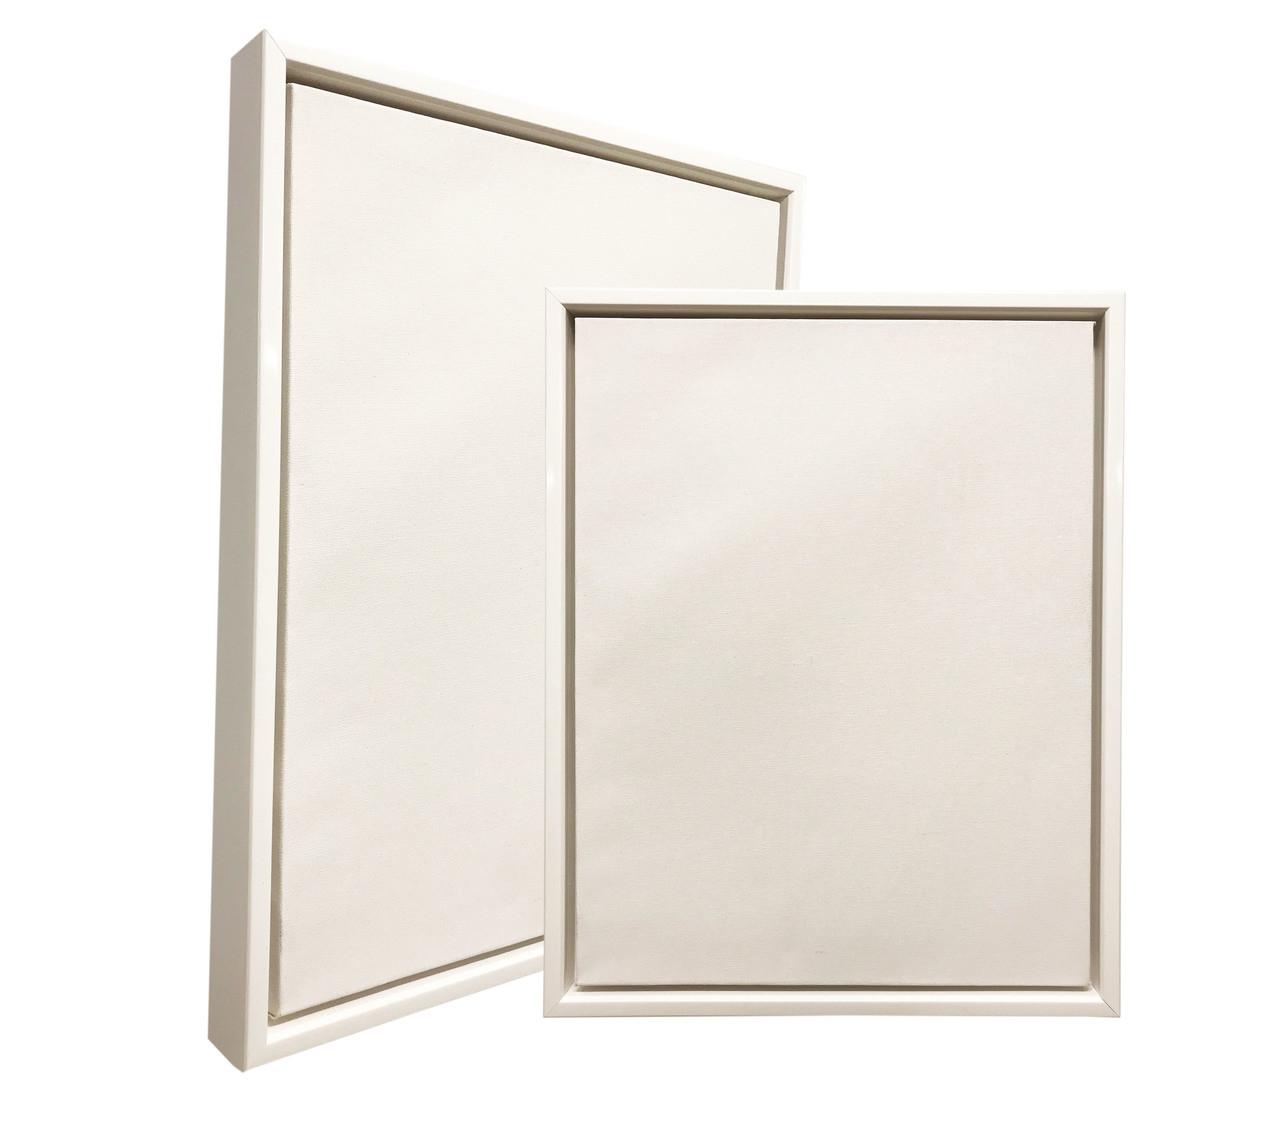 2 1 8 floater frame polystyrene floating picture frame 3592 18x26